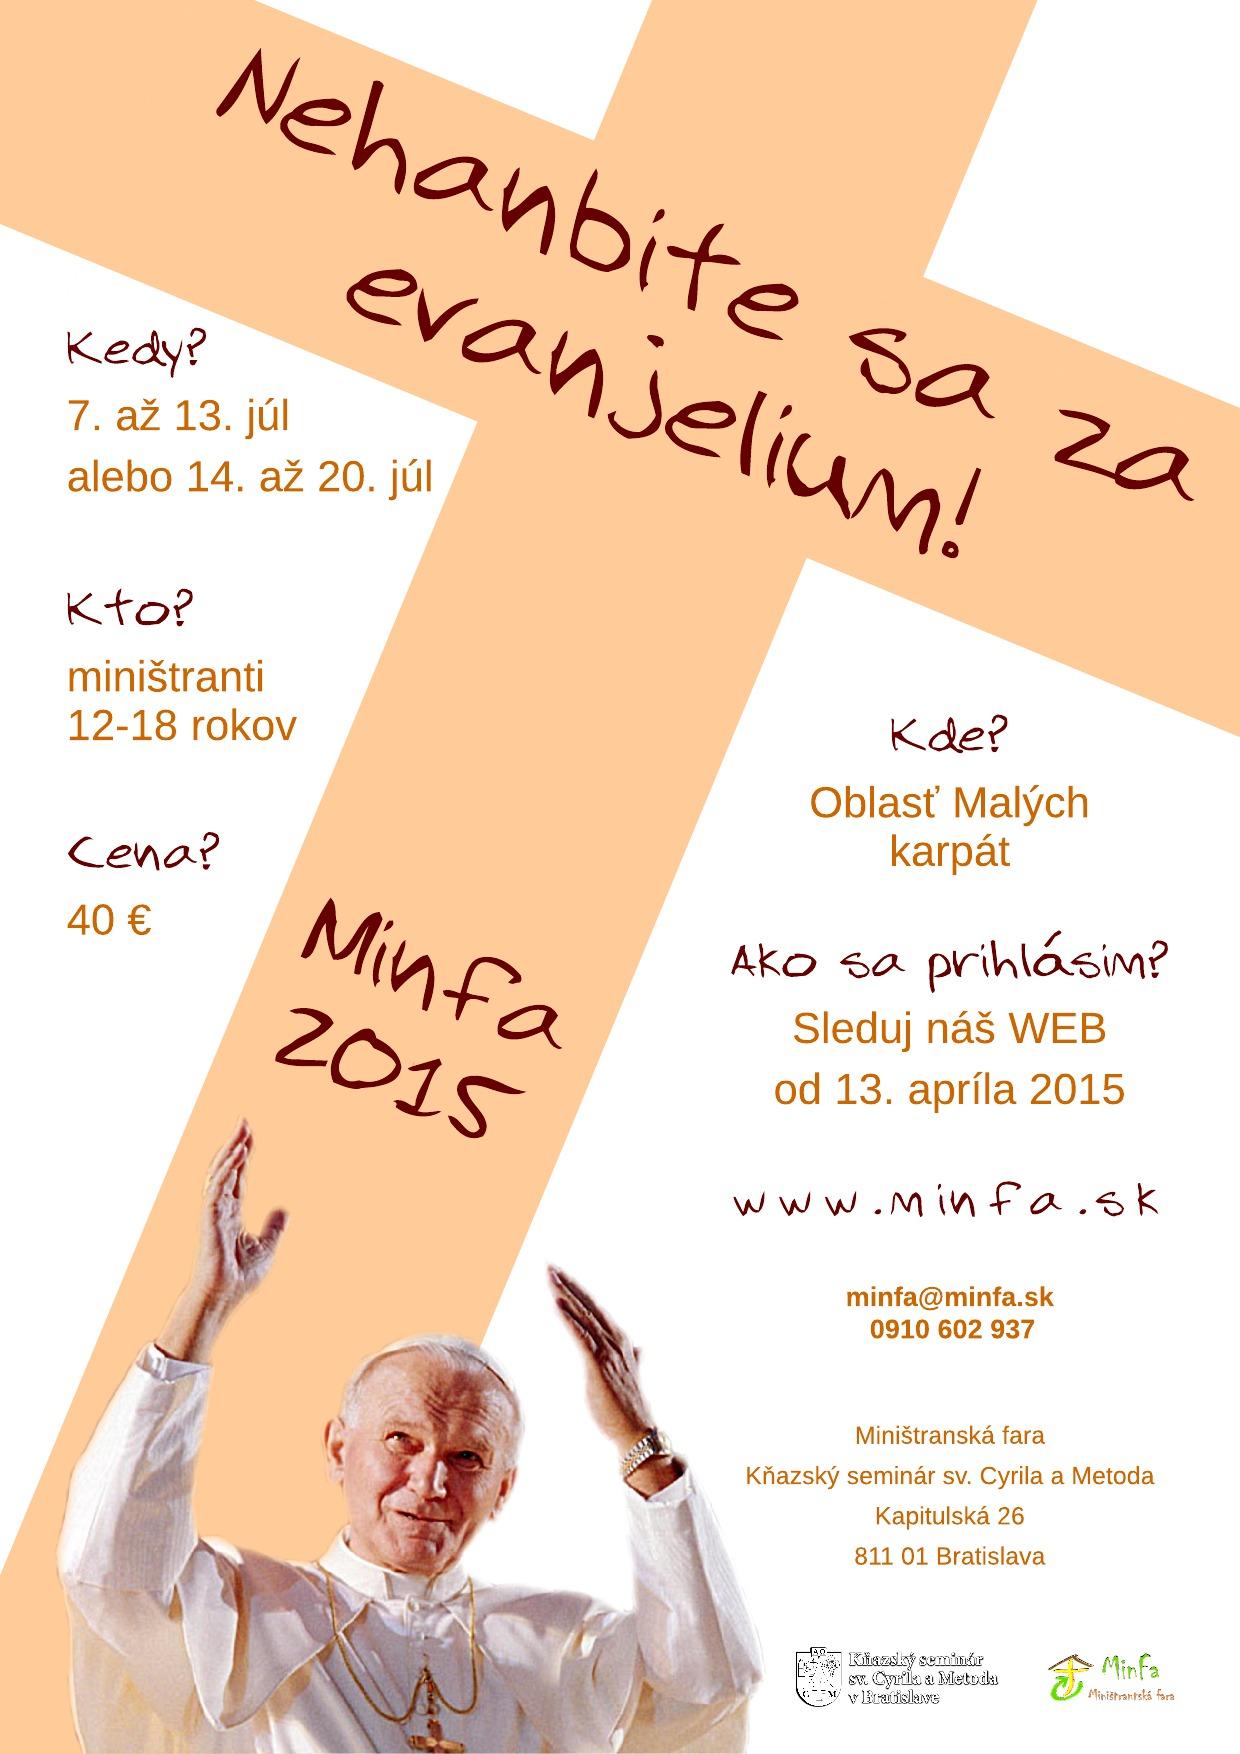 Minfa 2015 - plagát - Flyer